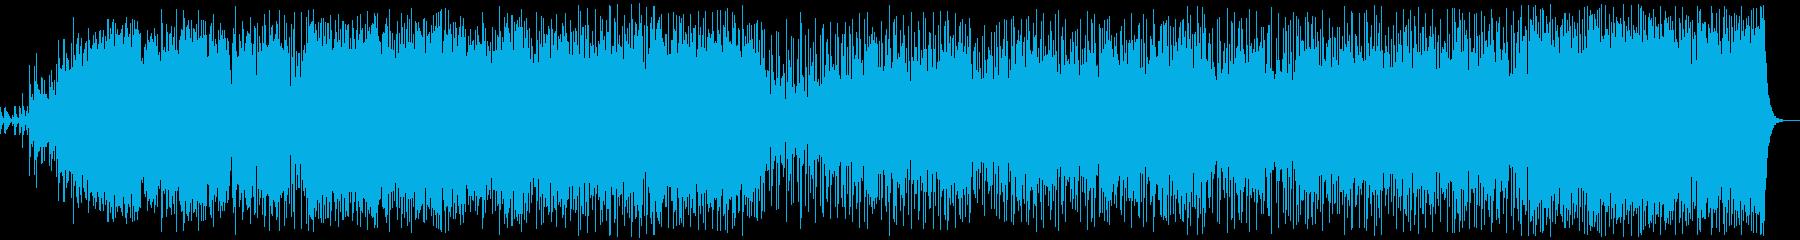 透き通ったボーカルのニューエイジの再生済みの波形